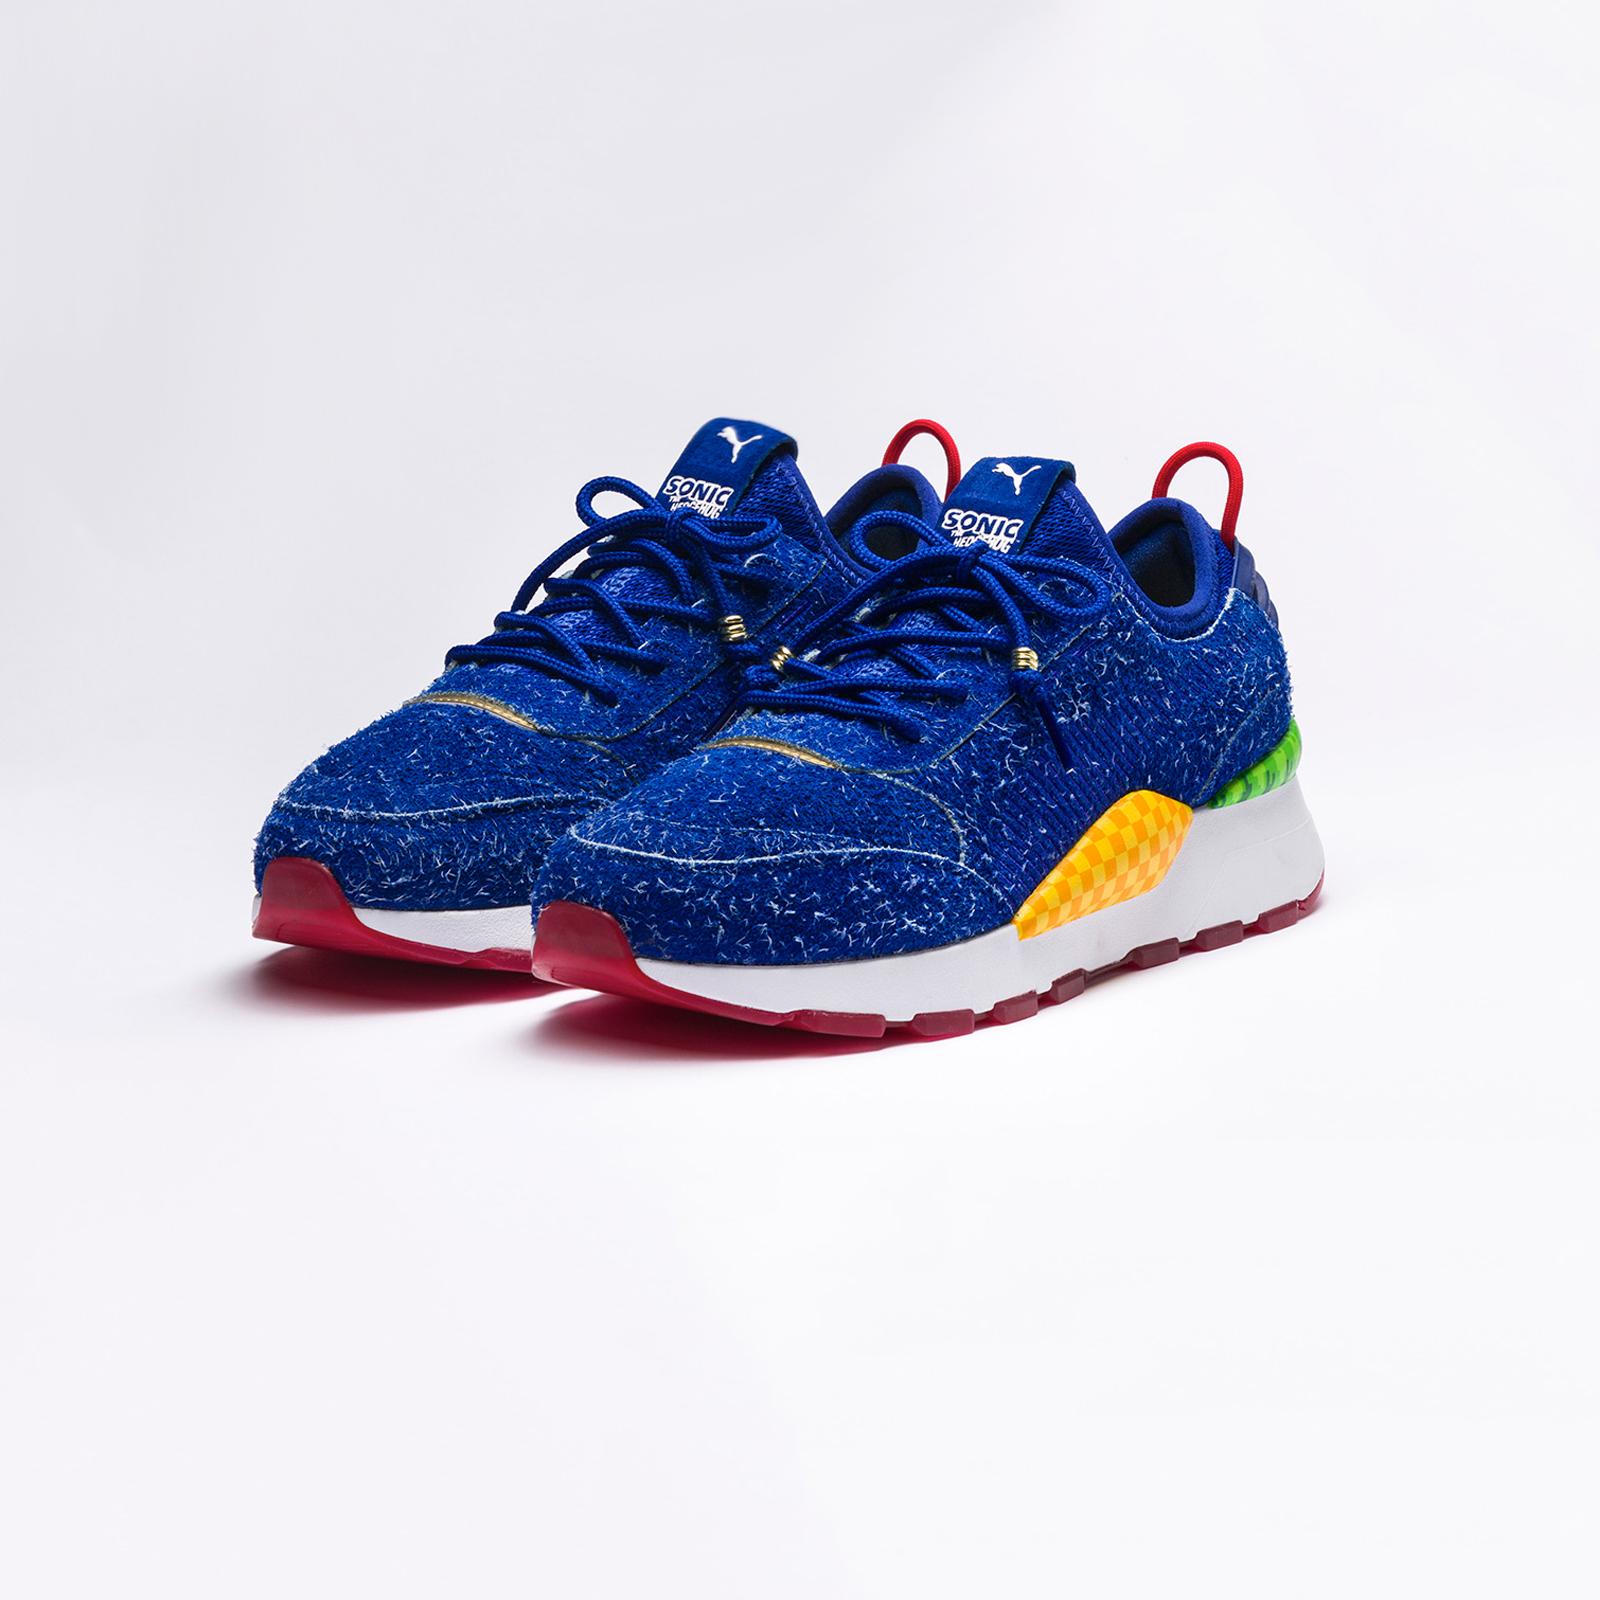 33283b45b84 Puma RS-0 X Sonic - 368276 01 - Sneakersnstuff